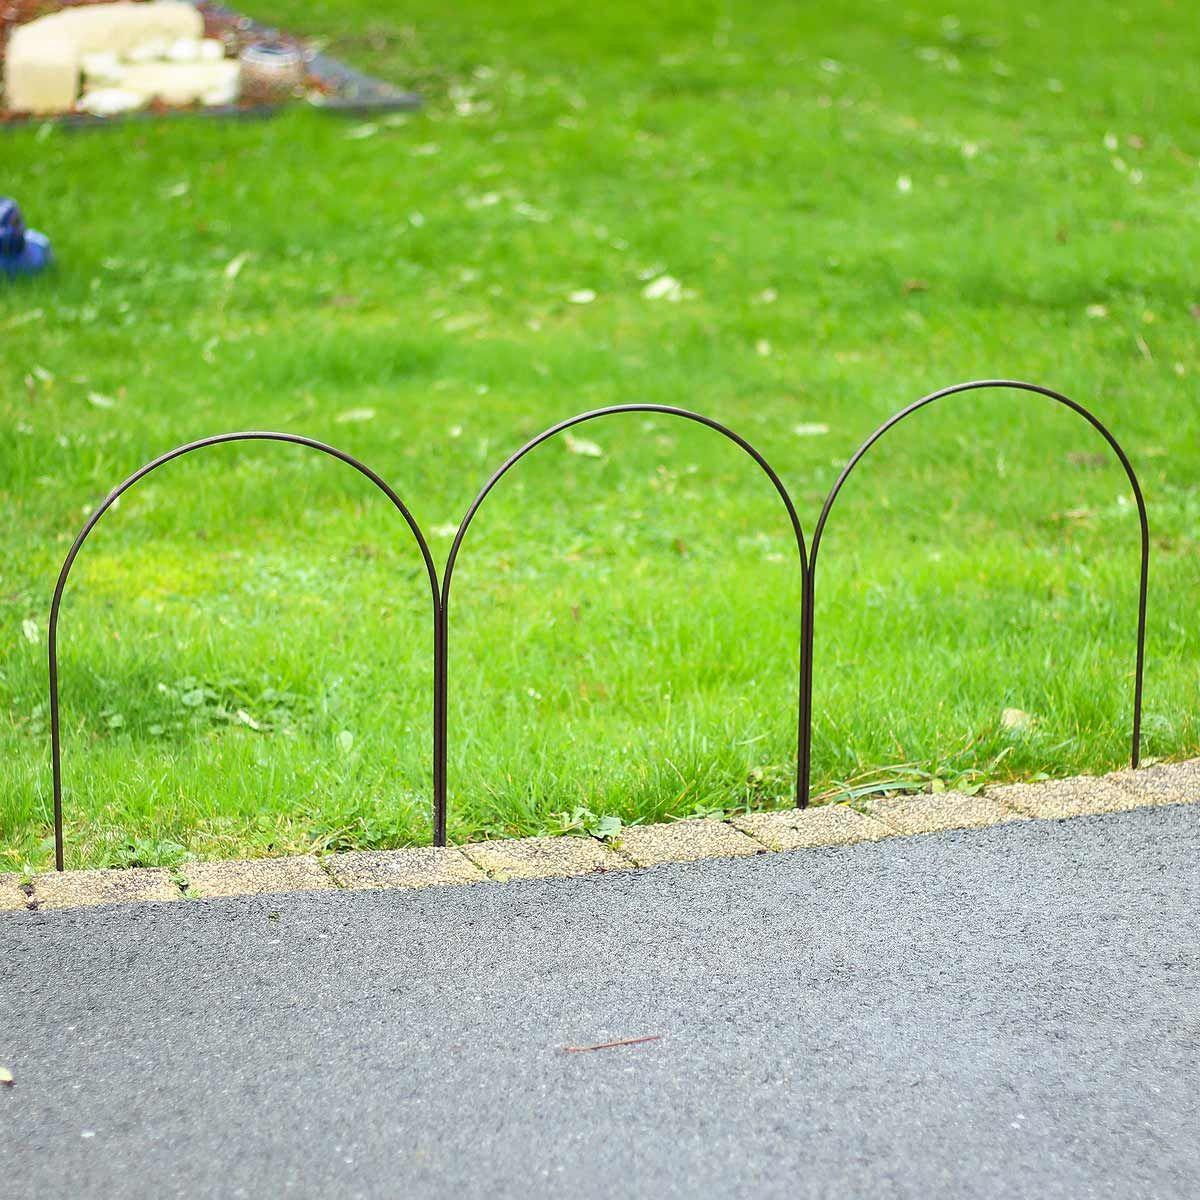 Bordure Triple Arceaux En Acier Plein L.100Cm X H.40Cm ... tout Arceaux De Jardin